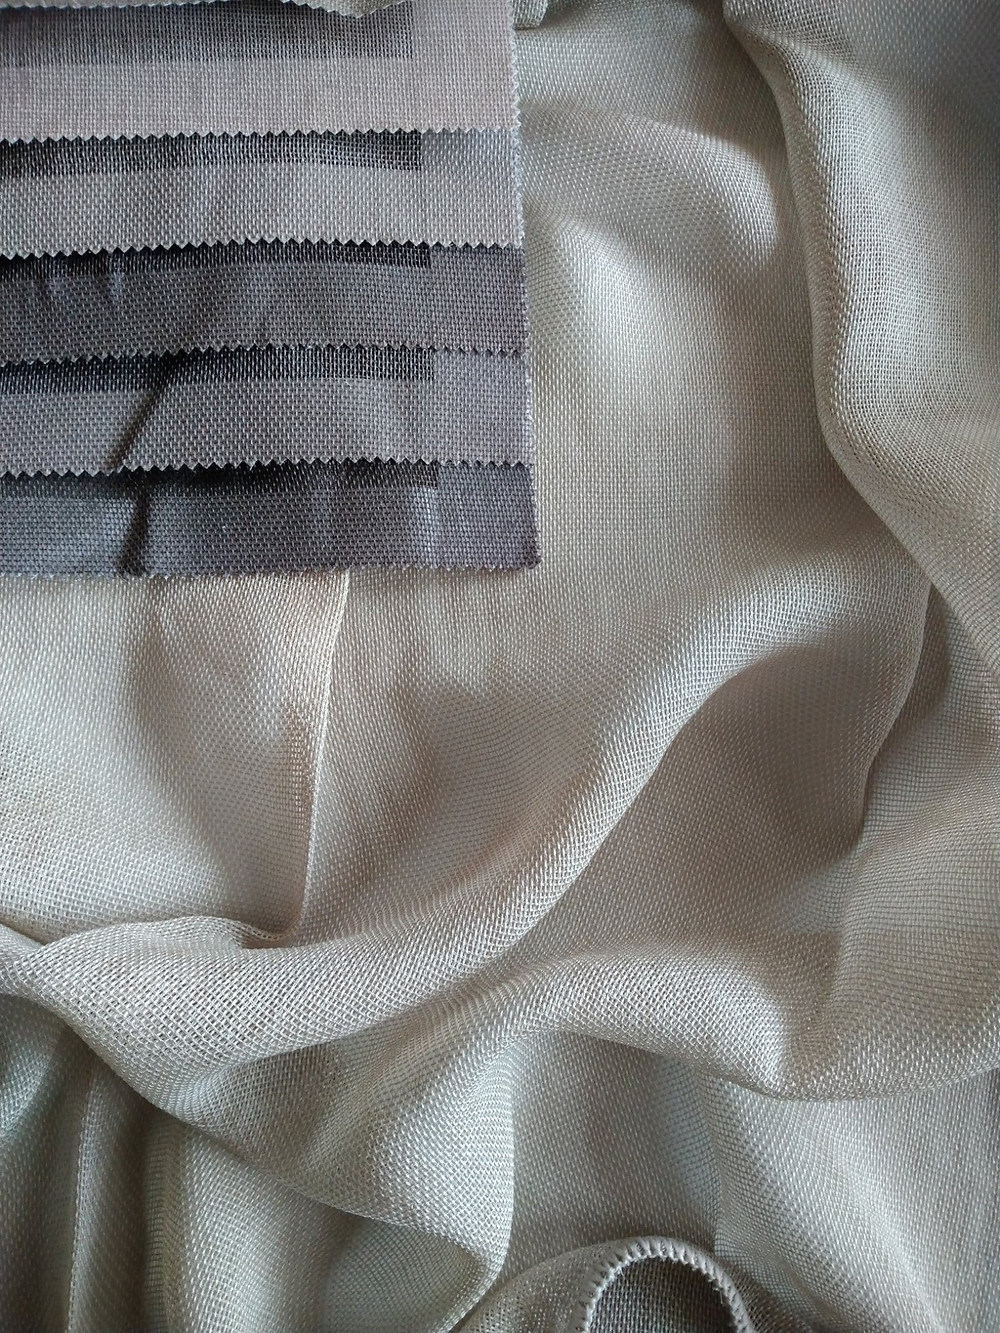 Trinity kankaan väripaletti on kauniin maanläheinen. Verhopalvelu sisältää ompelun ja asennuksen mkaksi.fi